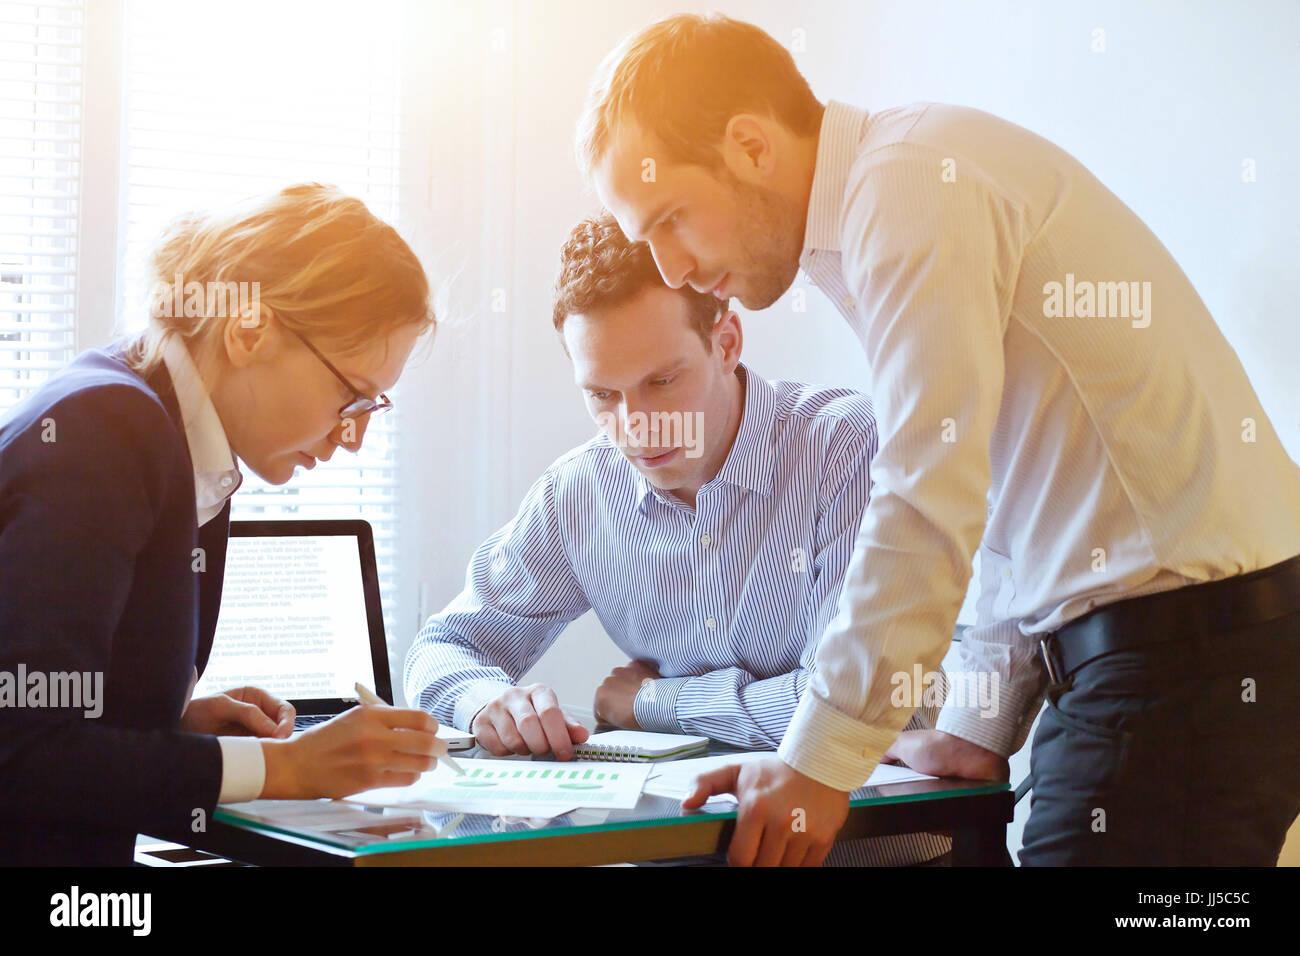 Concepto de trabajo en equipo, lluvia de ideas de negocios, trabajo en equipo en un proyecto, ocupado pueblo caucasiano Imagen De Stock